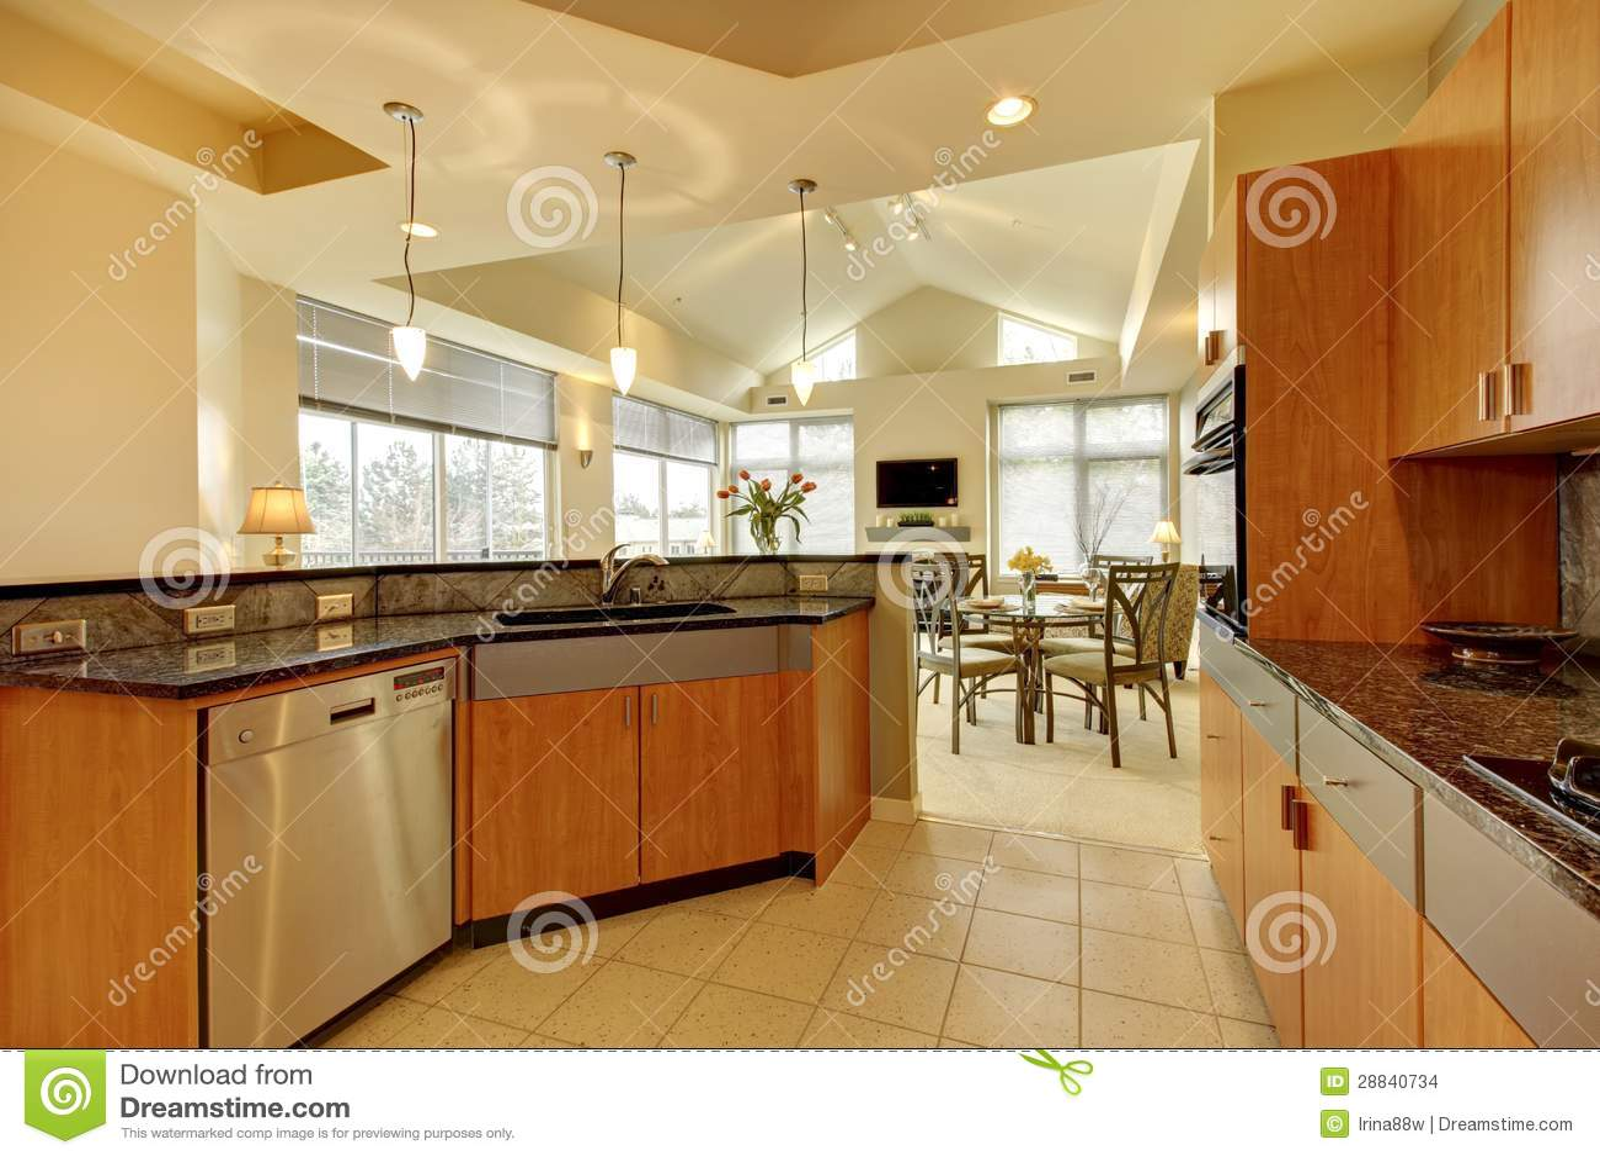 Cucine moderne con soffitto in legno casa moderna con tetto in